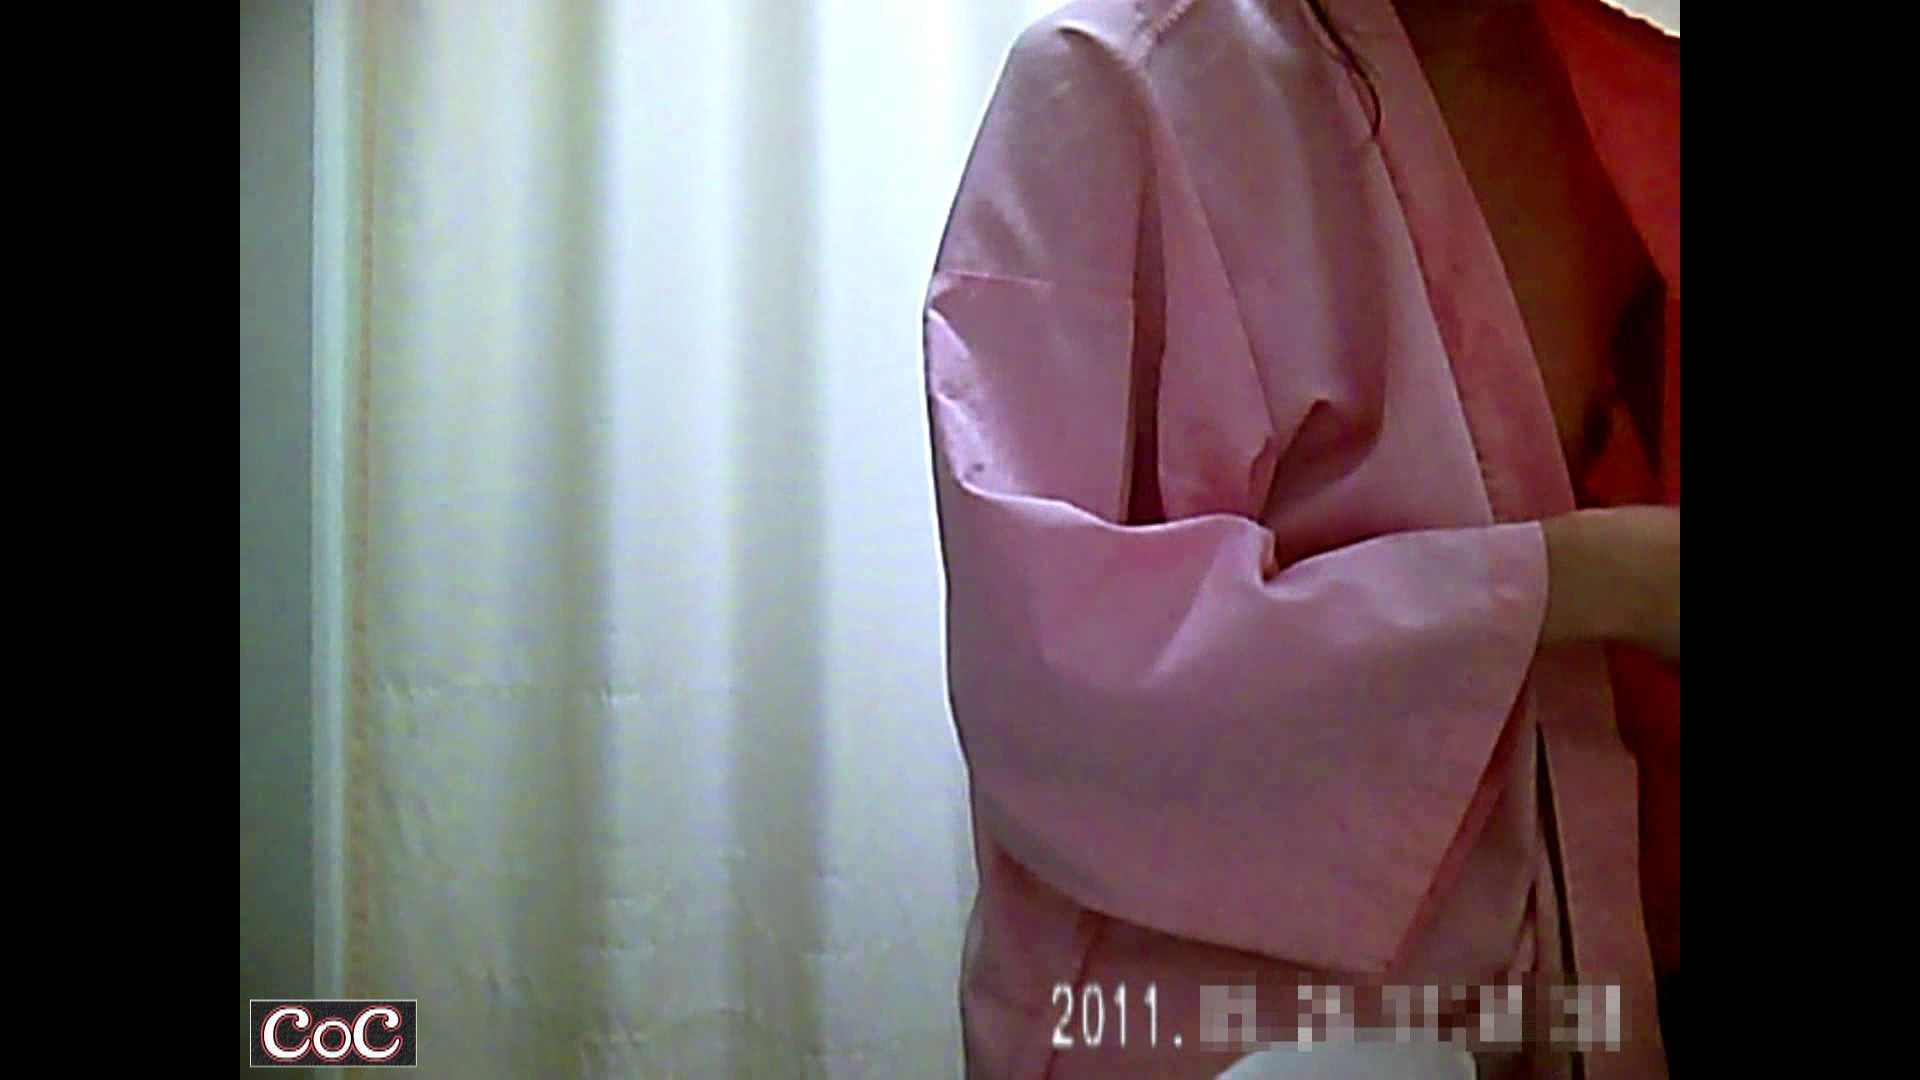 病院おもいっきり着替え! vol.127 乳首 盗み撮り動画キャプチャ 101PIX 46